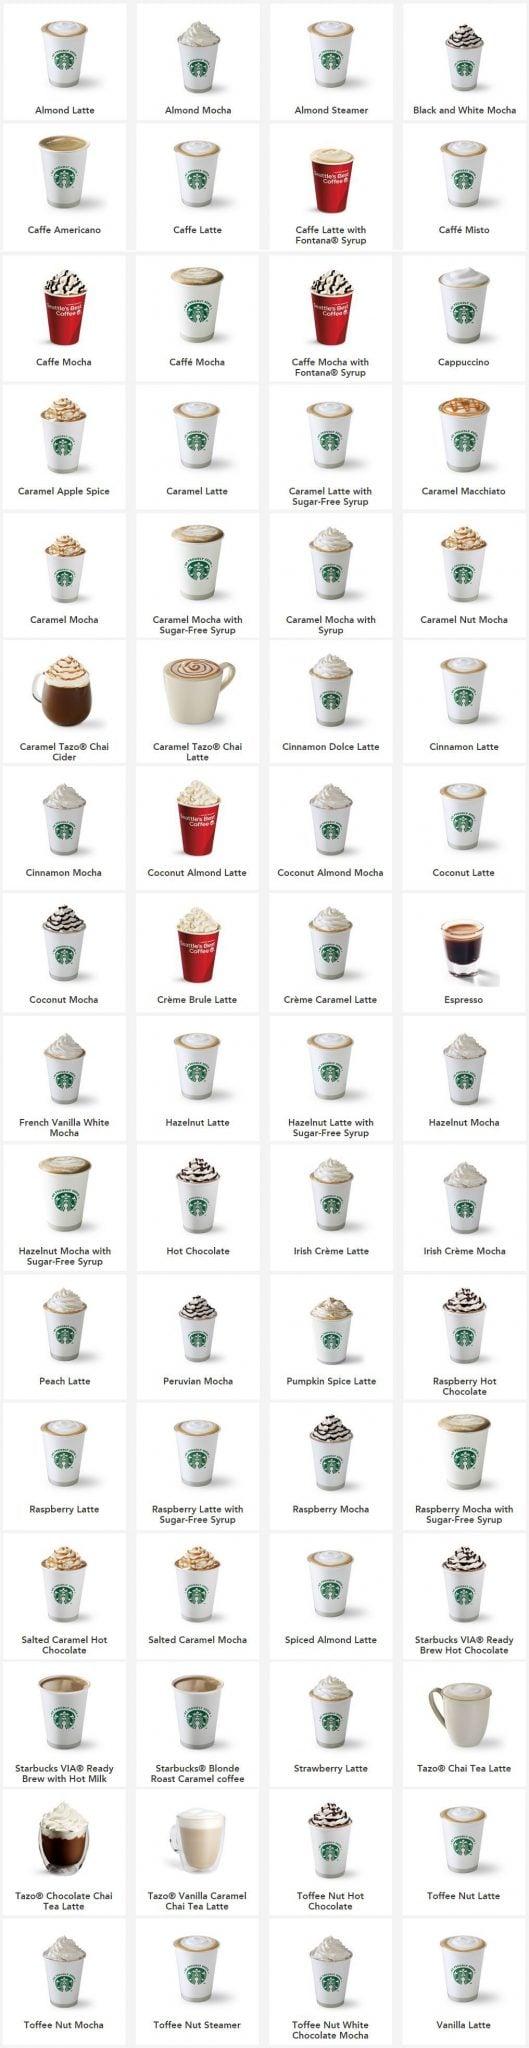 Công thức món nóng Starbucks khoinghiepcafe.com